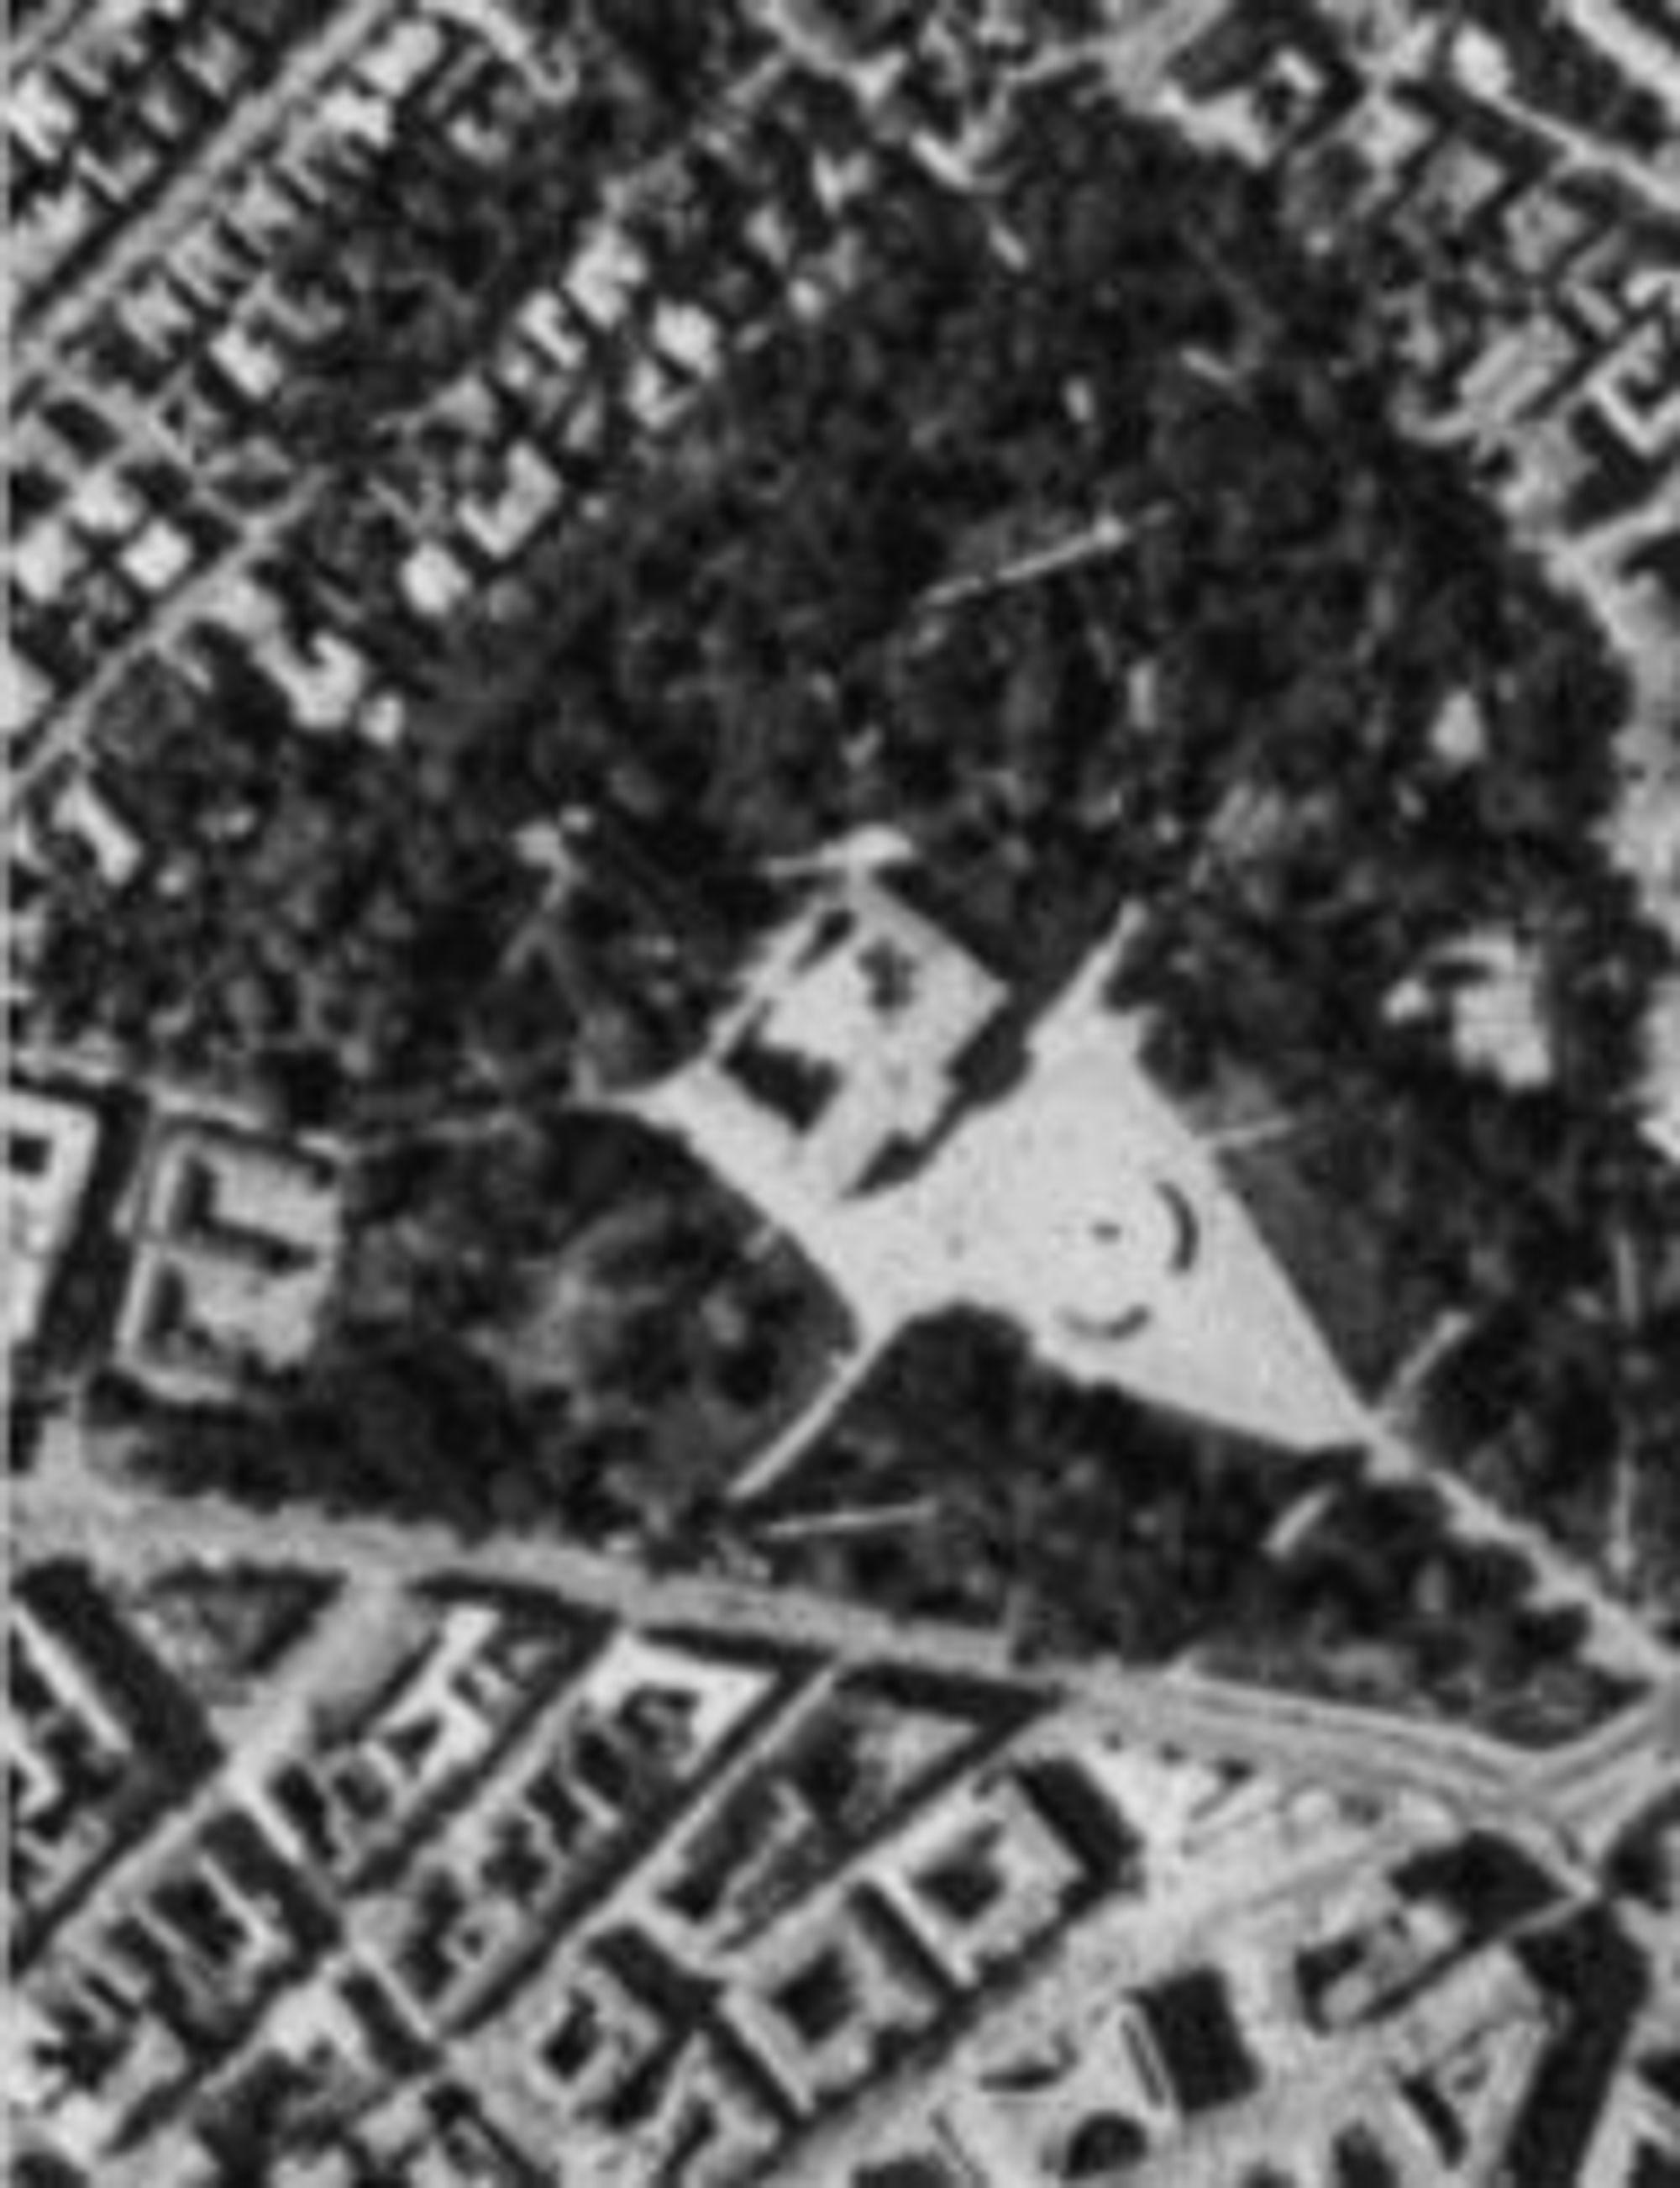 Satellittbilde av Slottsparken